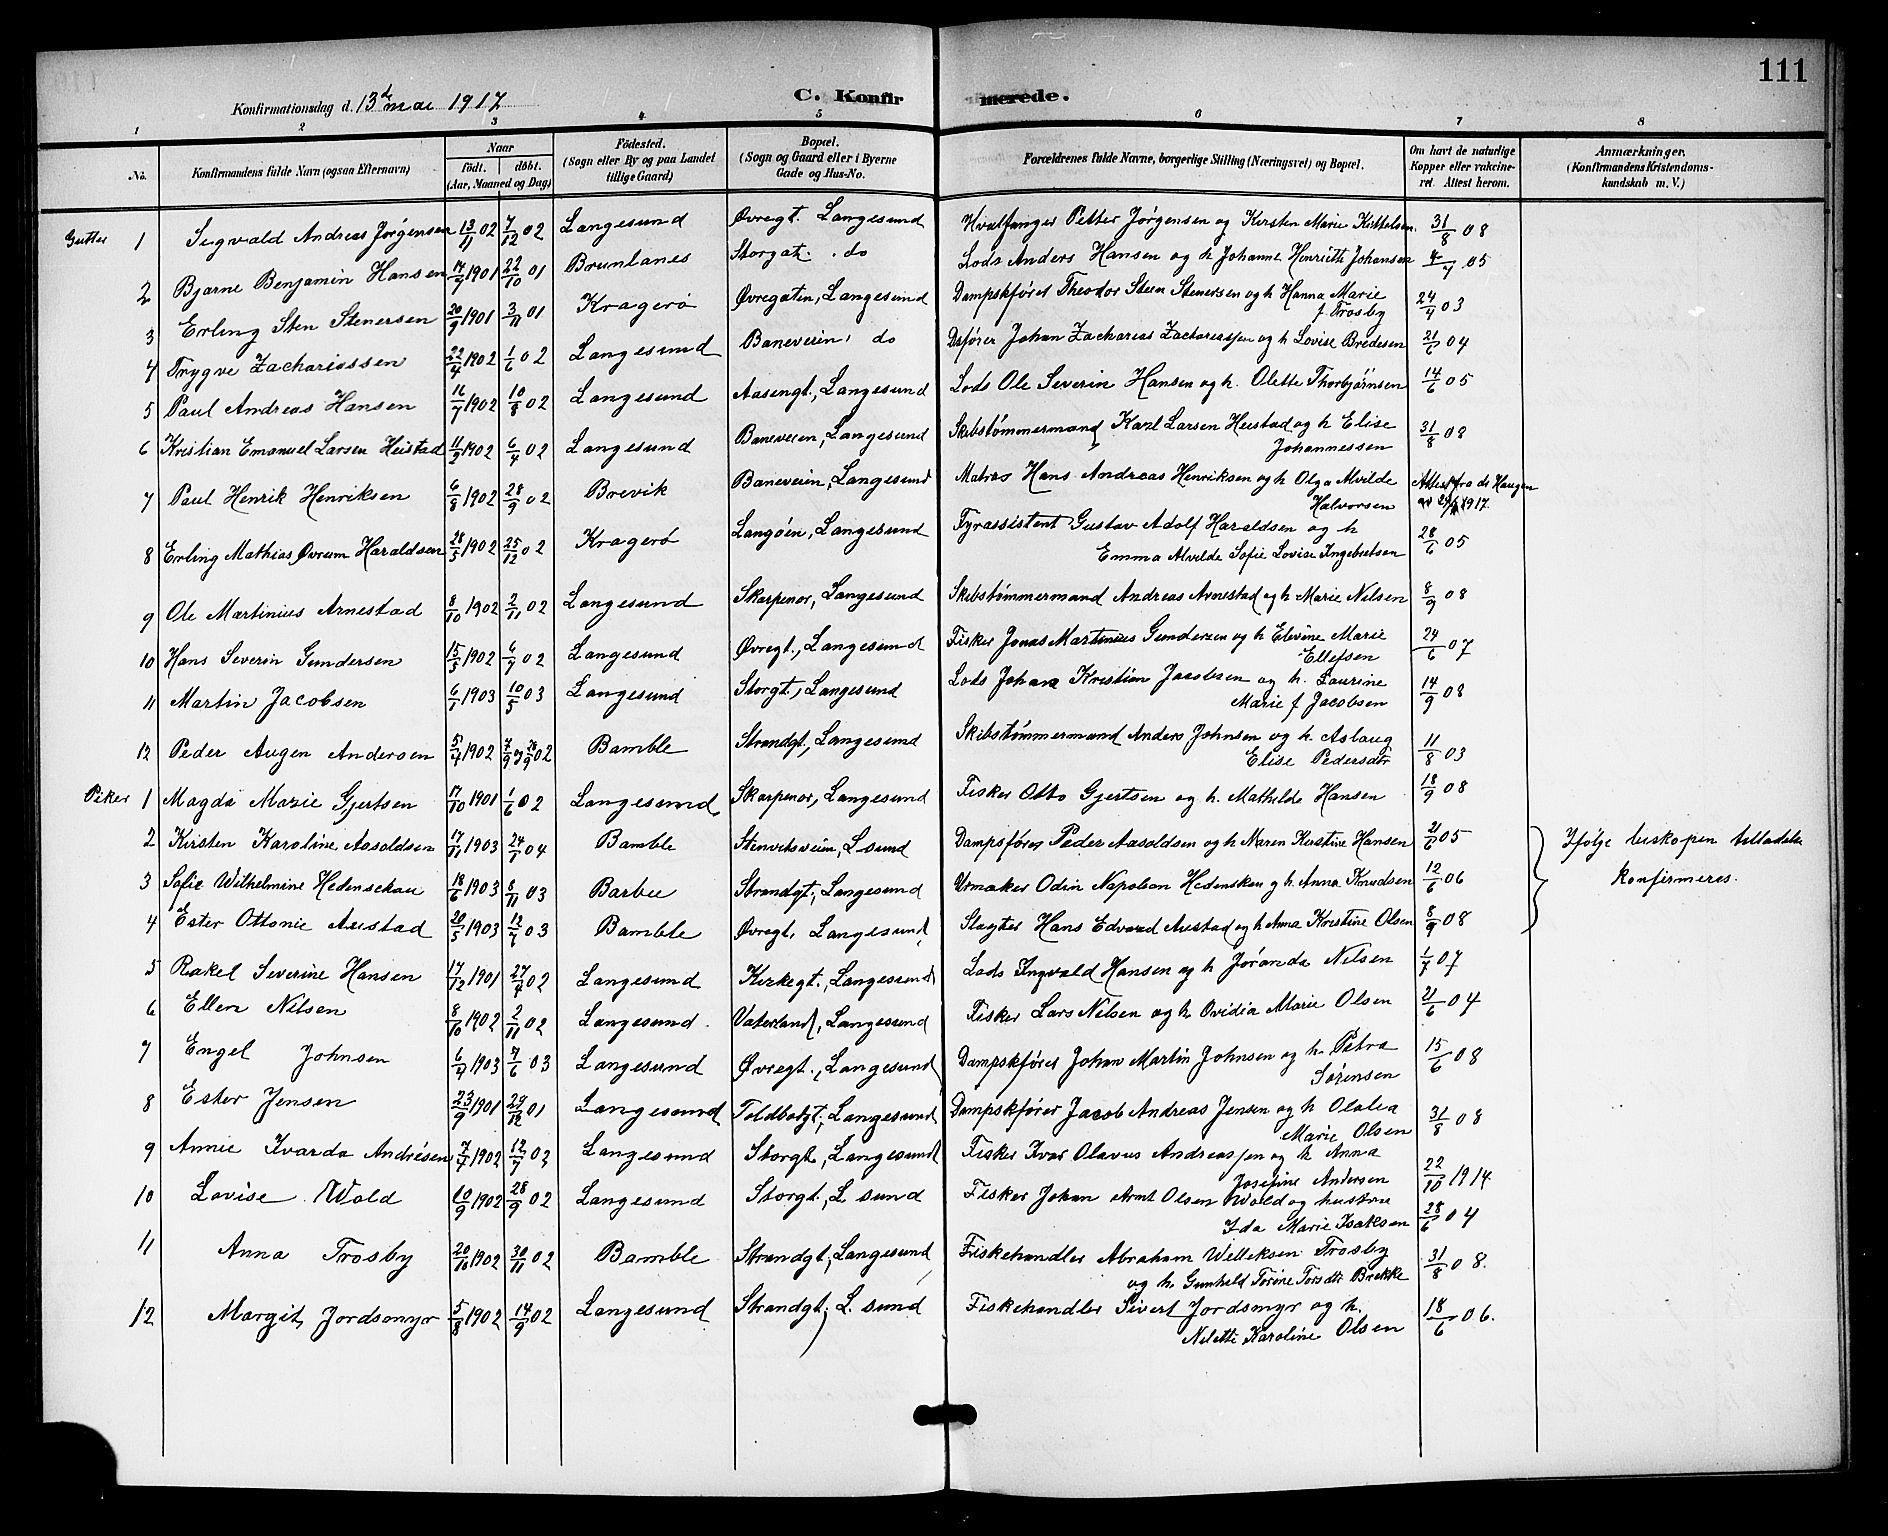 SAKO, Langesund kirkebøker, G/Ga/L0006: Klokkerbok nr. 6, 1899-1918, s. 111